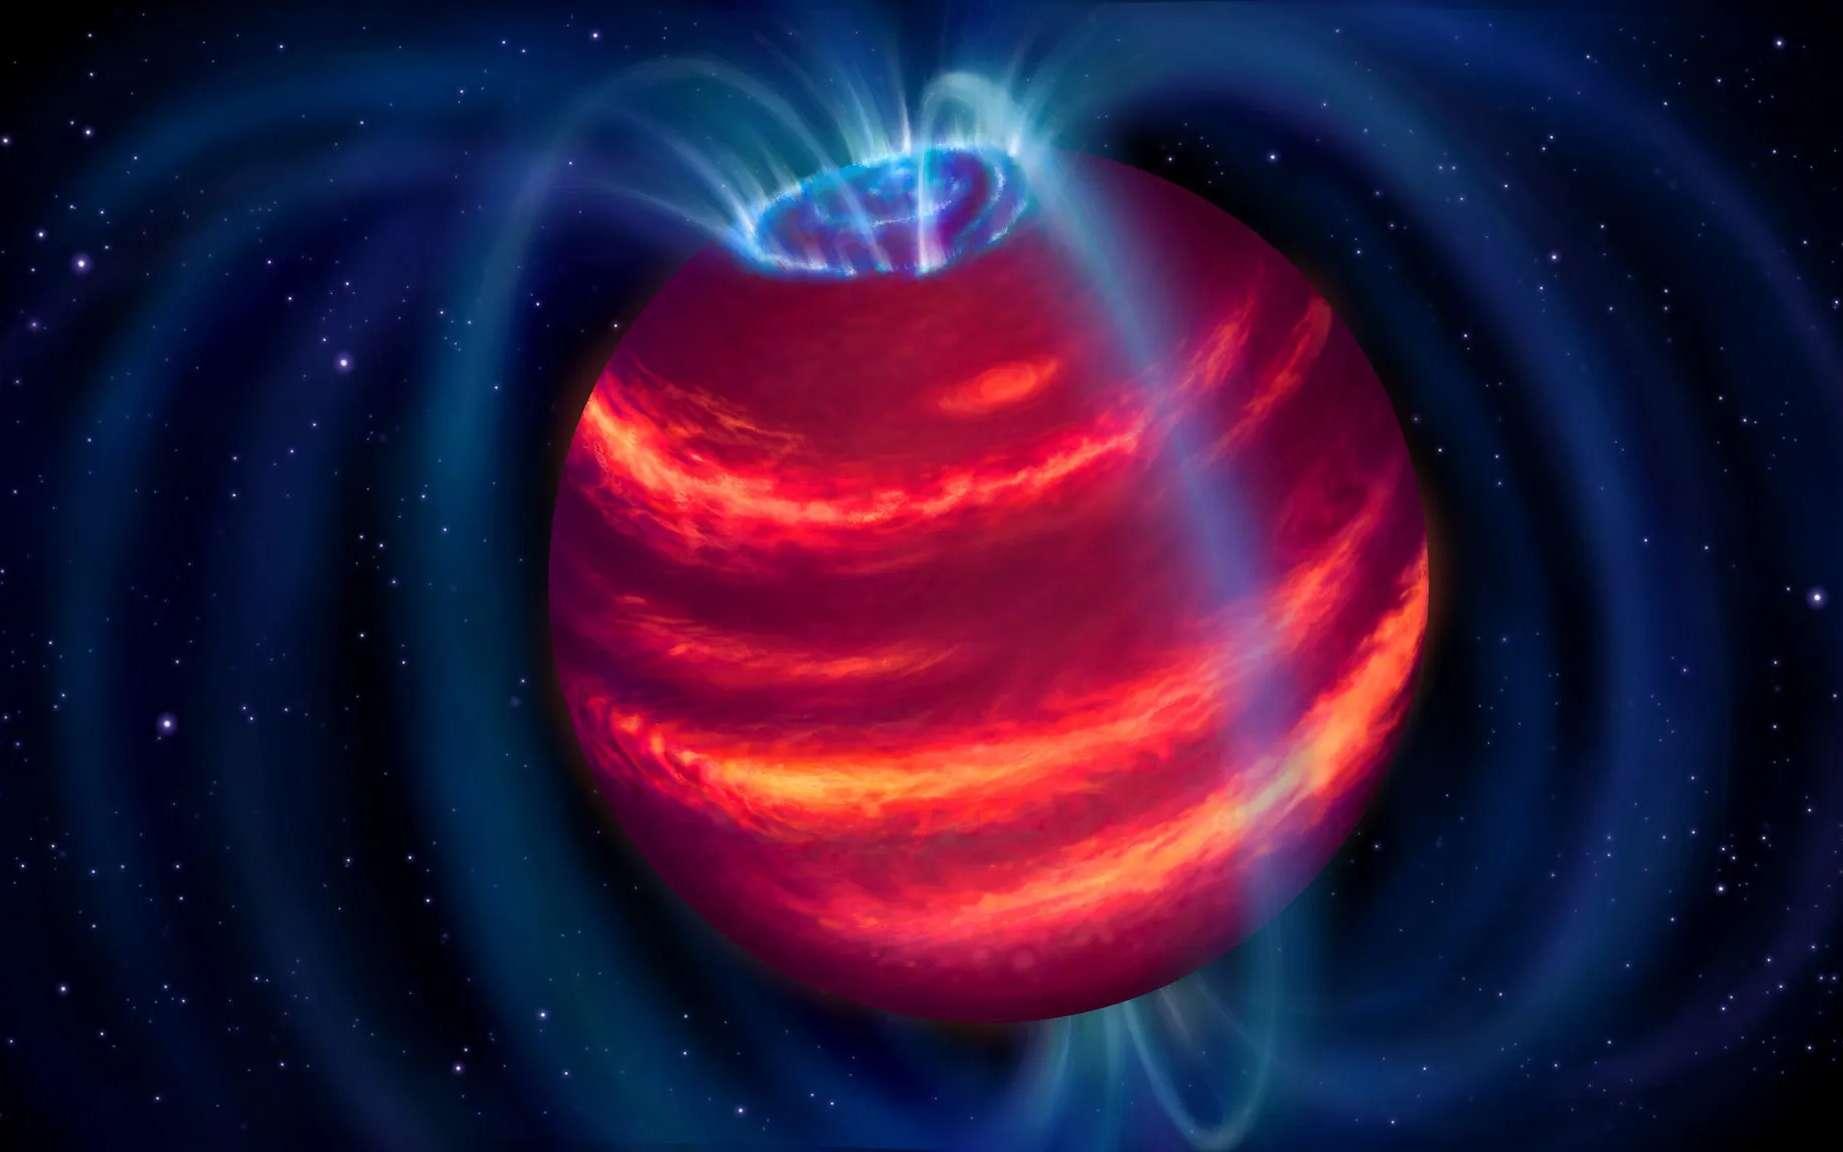 Vue d'artiste de BDR J1750+3809, alias Elegast. Les boucles bleues représentent les lignes de champ magnétique. Les particules chargées se déplaçant le long de ces lignes émettent des ondes radio, que Lofar a détectées. Certaines particules finissent par atteindre les pôles et produisent alors des aurores polaires, telles qu'on peut aussi en observer sur Terre. © Danielle Futselaar, Astron